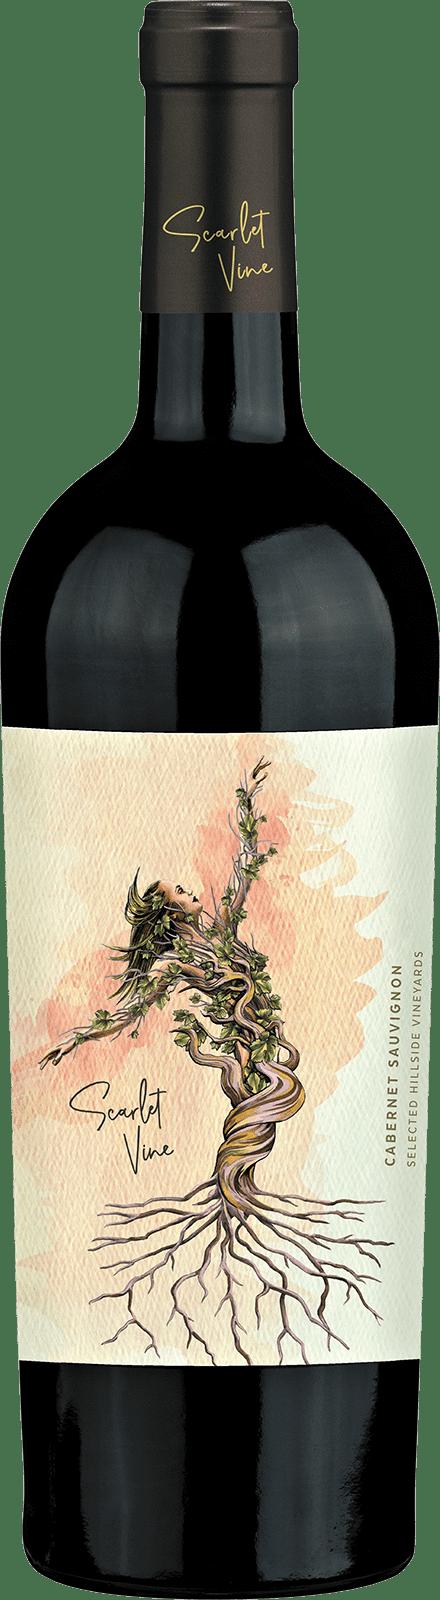 Scarlet Vine - Cabernet Bottle